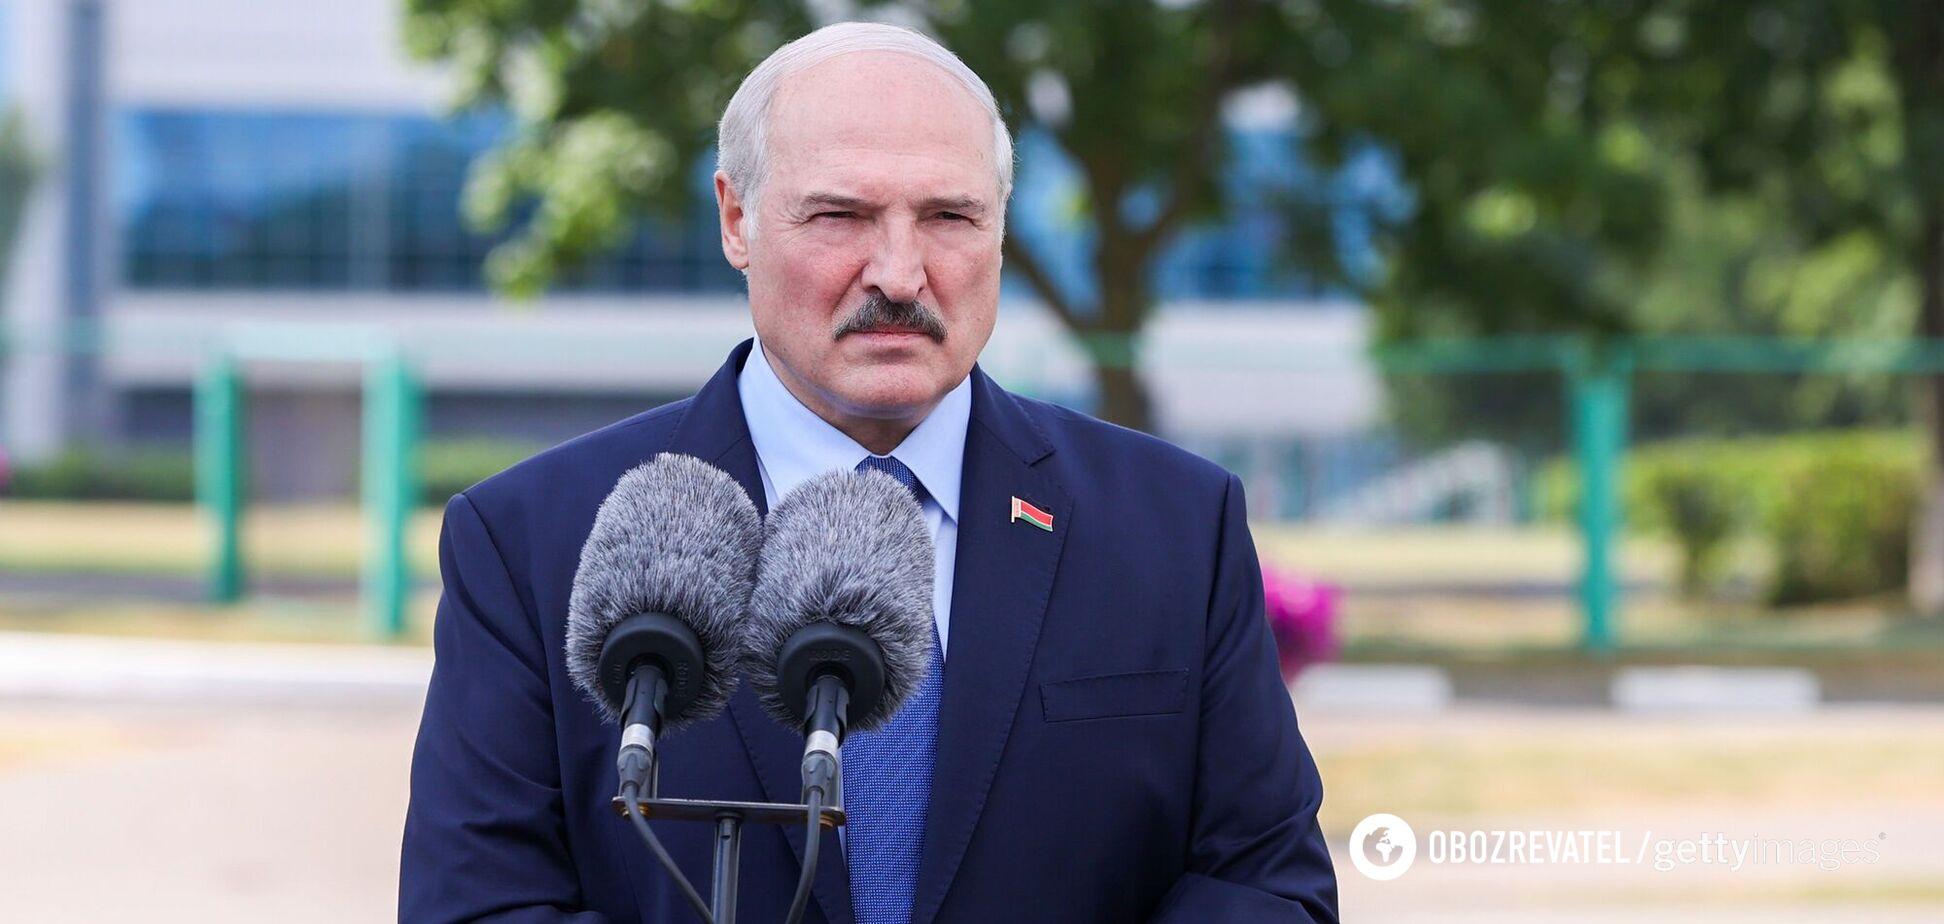 Александр Лукашенко заявил о вмешательстве ЕС в дела Беларуси